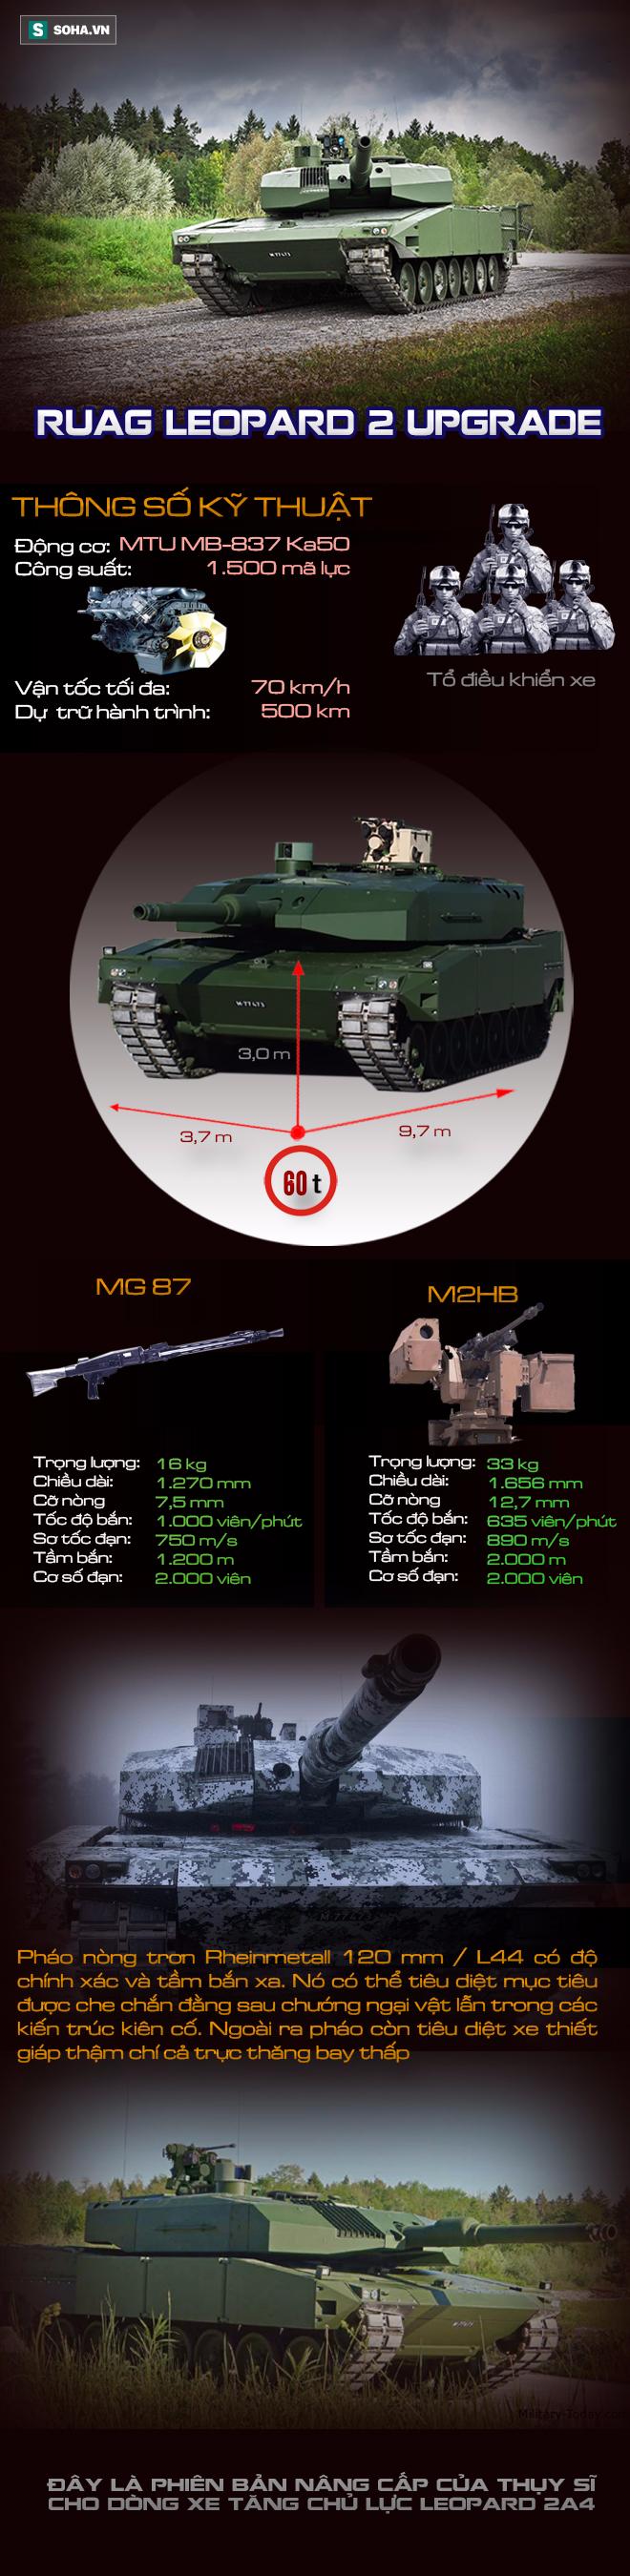 Gói nâng cấp mang lại sức sống mới cho xe tăng Leopard 2A4 huyền thoại - Ảnh 1.